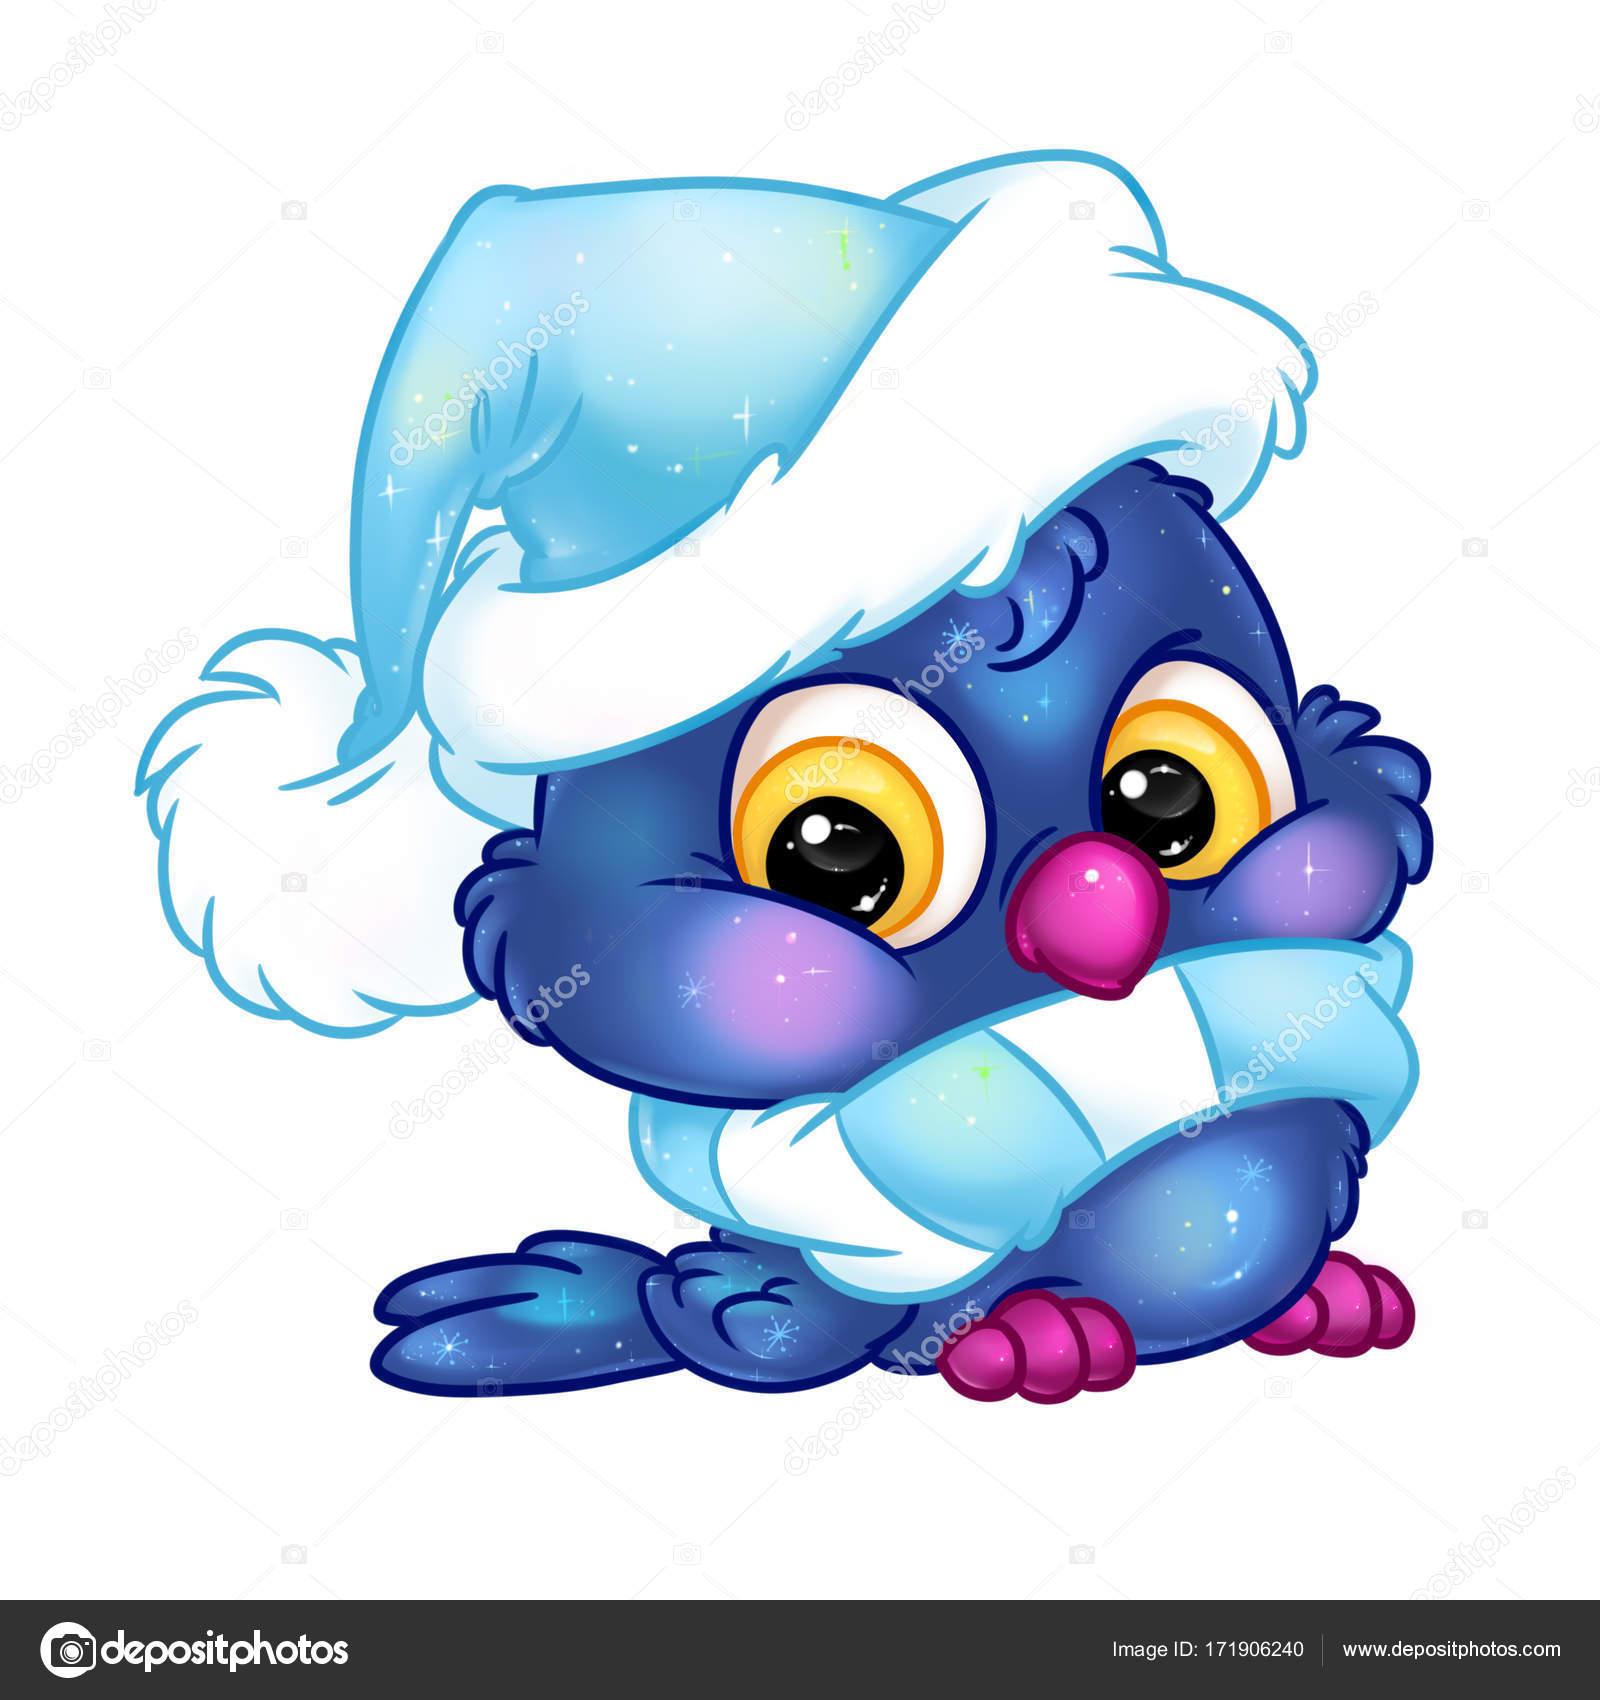 Dessin Anime Noel De Caractere Chouette L Hiver Photographie